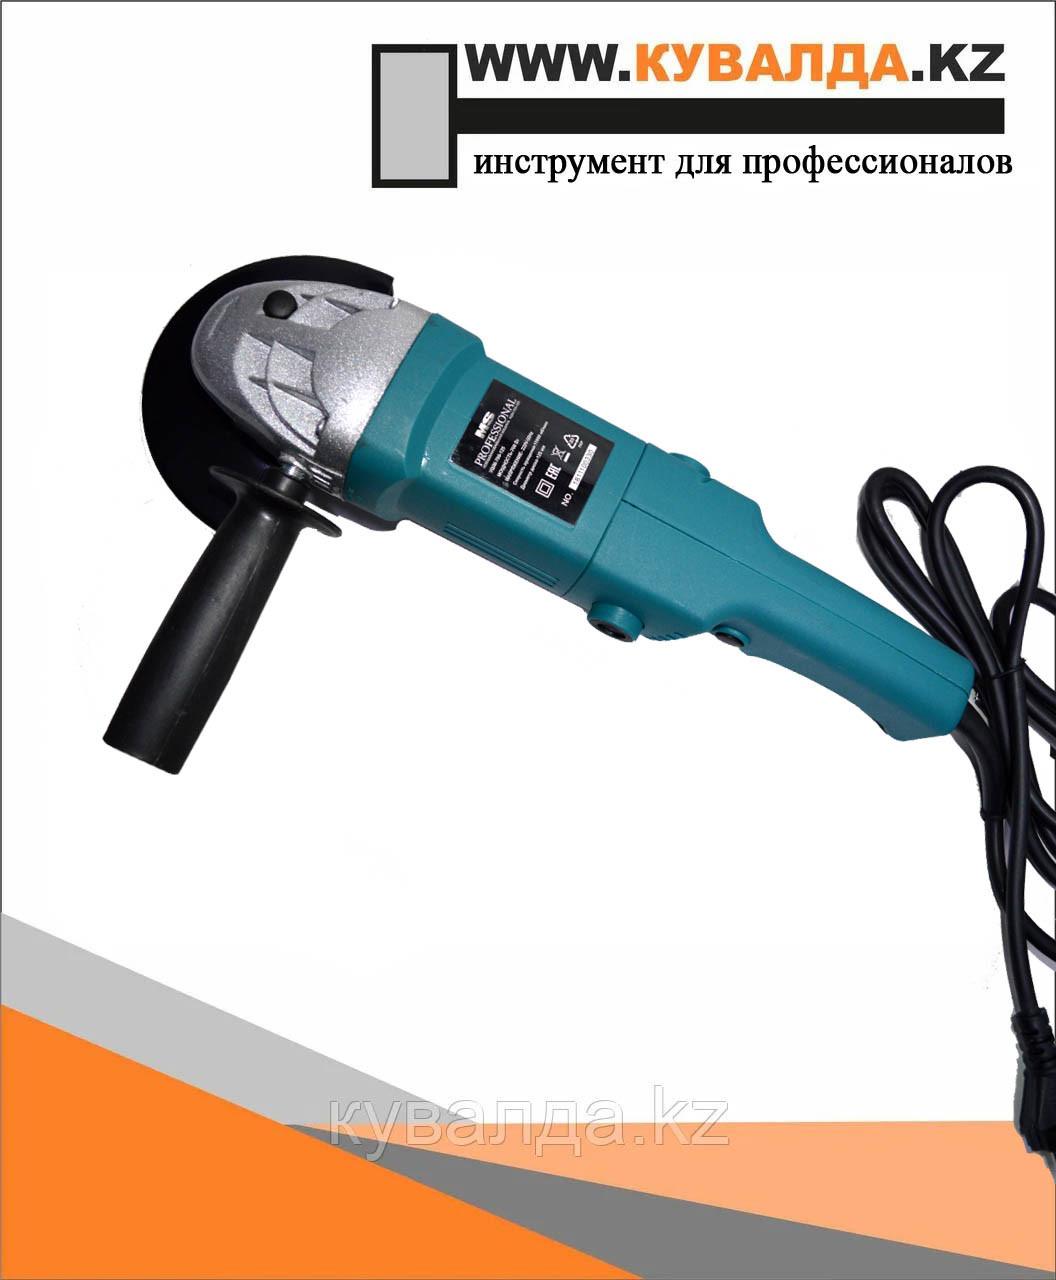 Углошлифовальная машина  УШМ-700-125 MS Professional (болгарка)